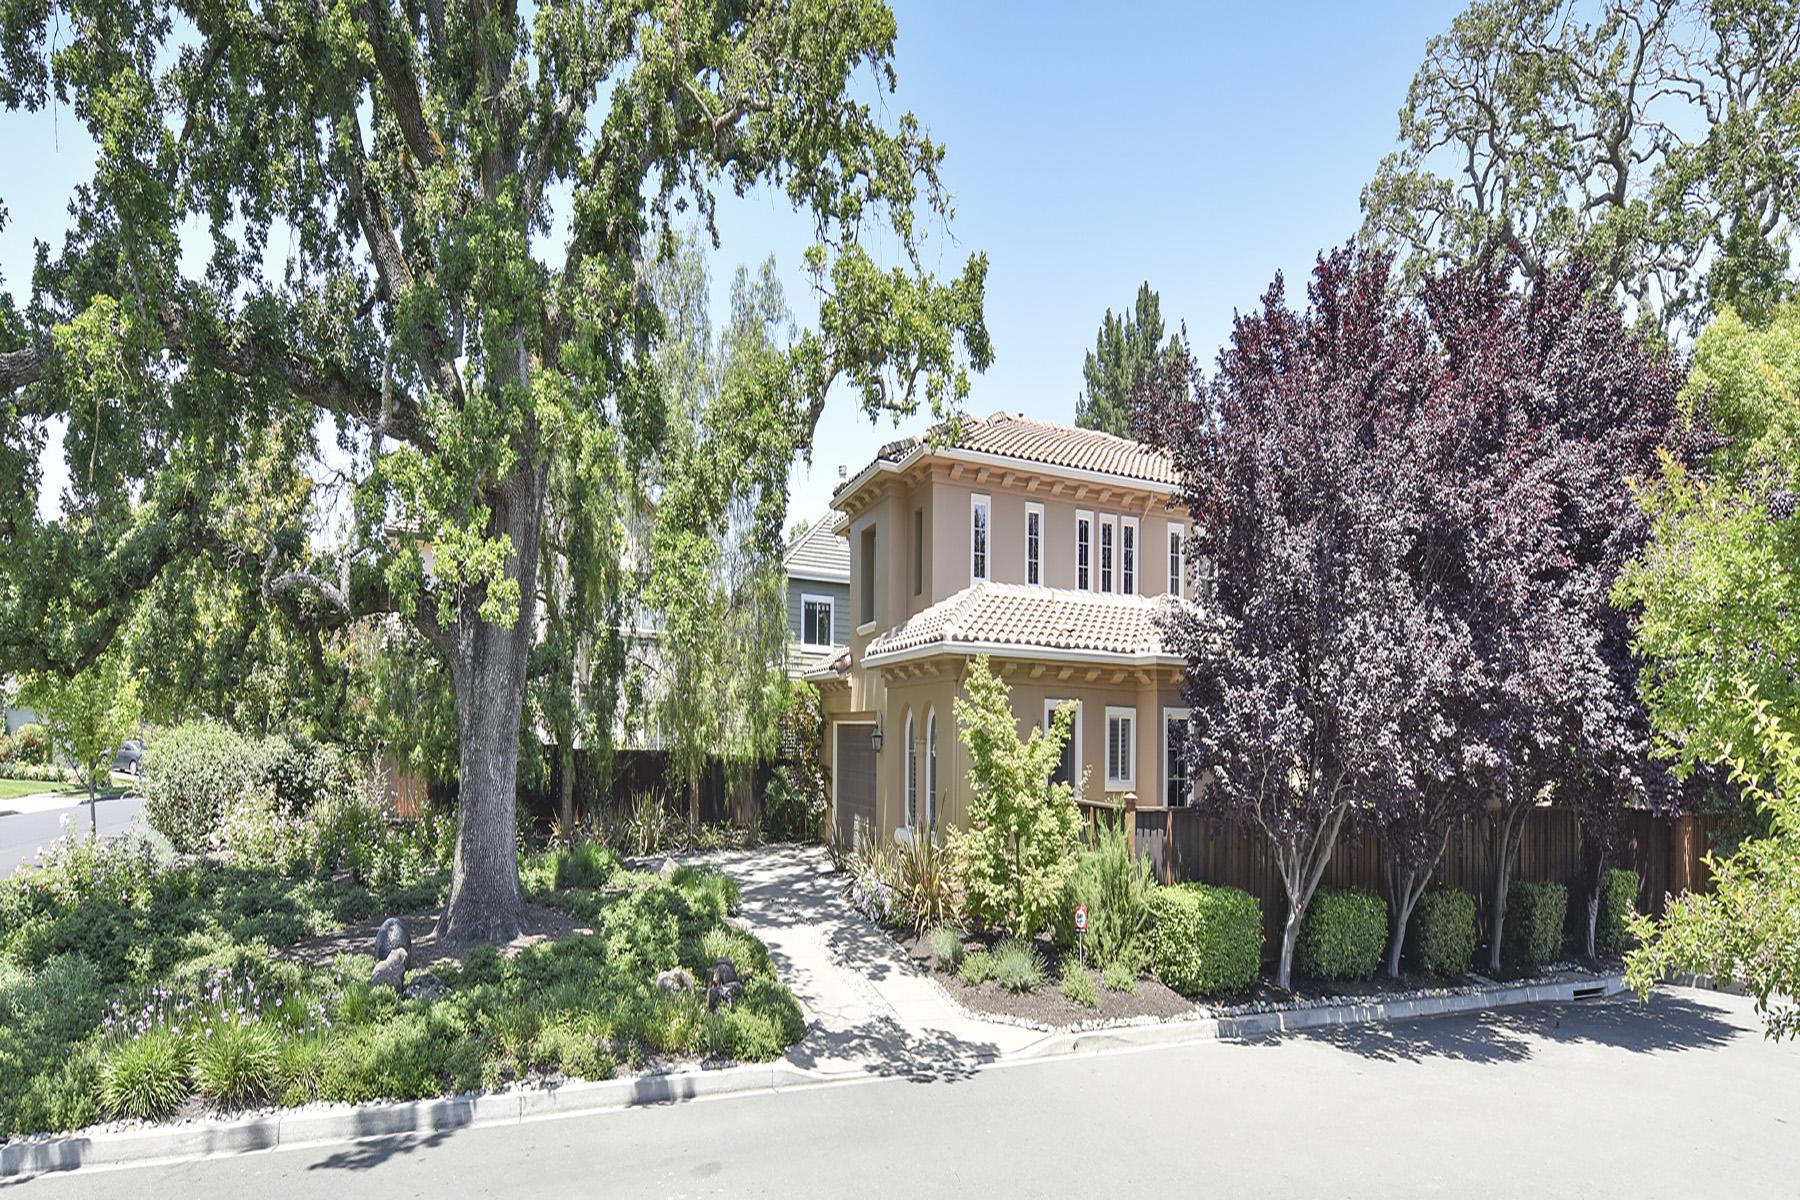 獨棟家庭住宅 為 出售 在 12 Noble Ln, Napa, CA 94558 12 Noble Ln Napa, 加利福尼亞州, 94558 美國